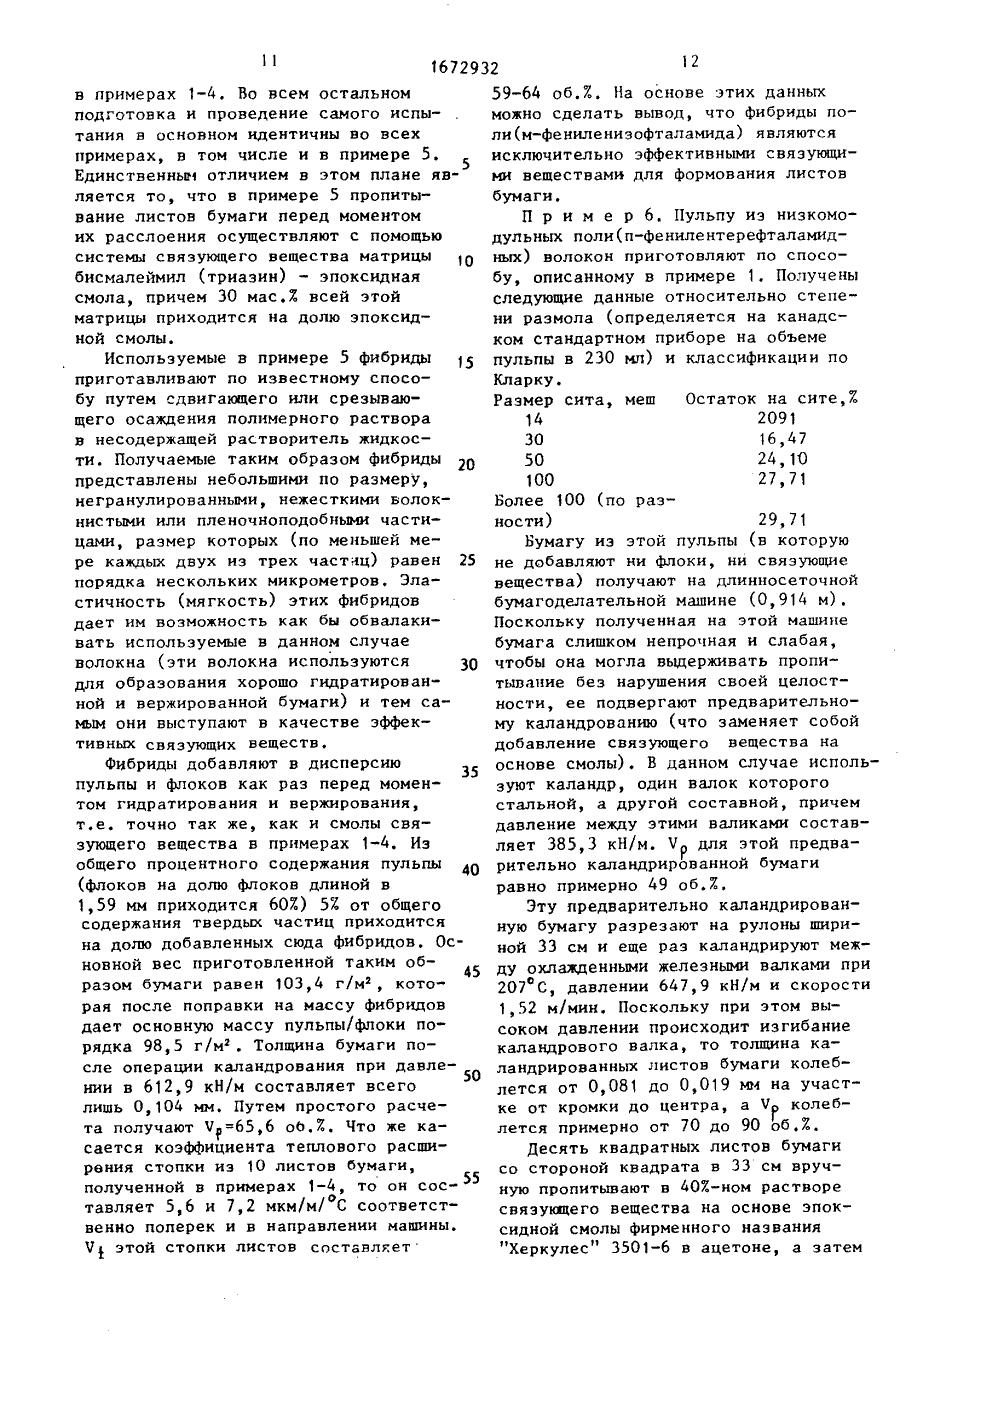 Центральный замок, активаторы ЦЗ, проблемы 72